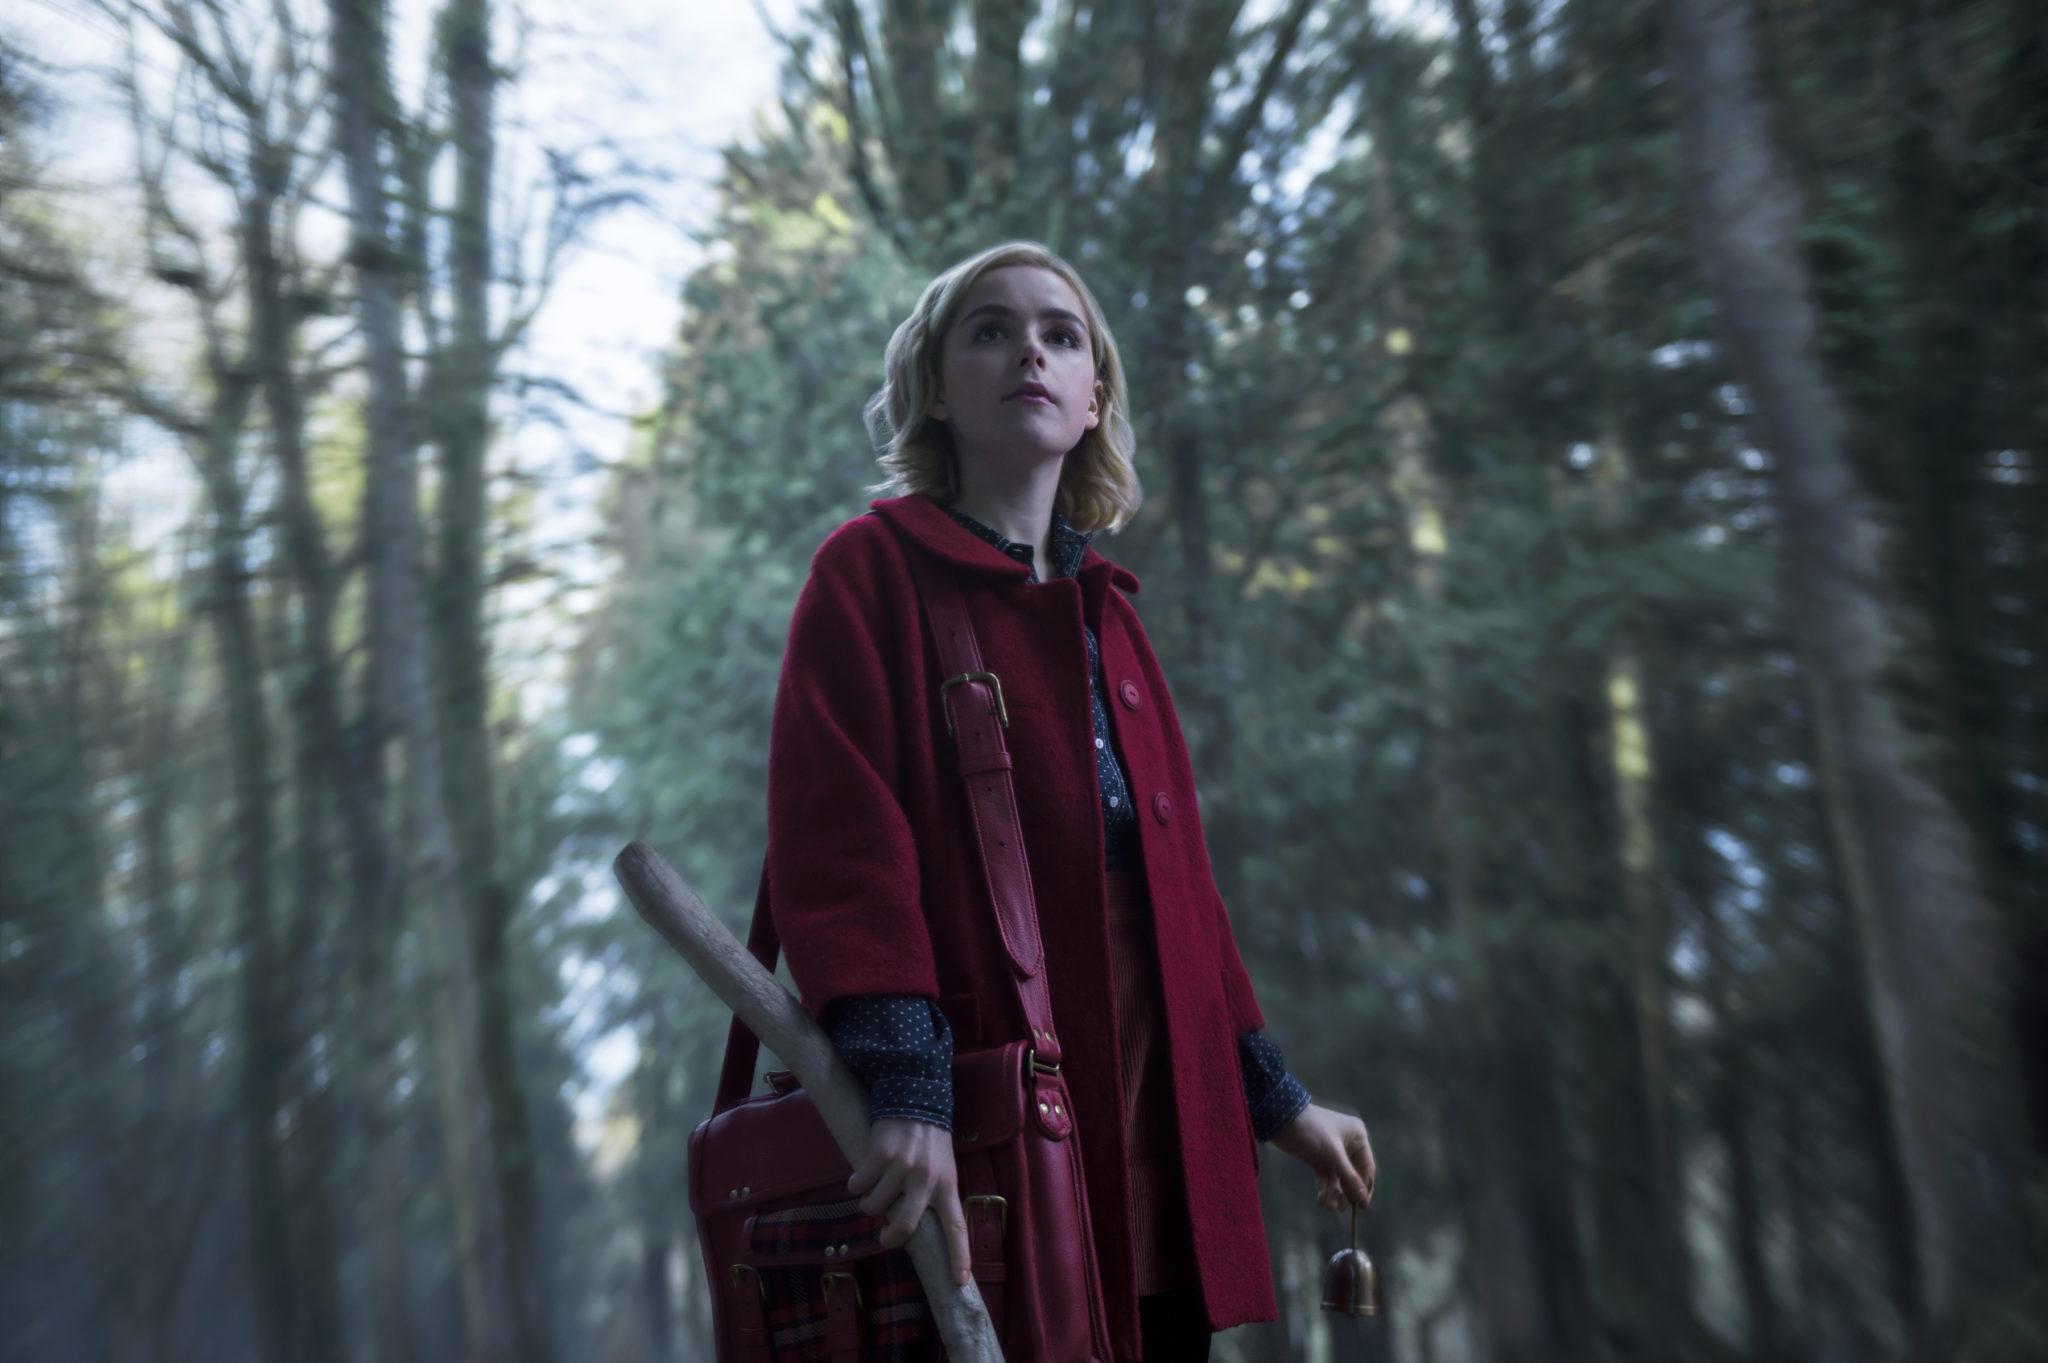 Dziewczyna w czerwonej pelerynie w środku lasu